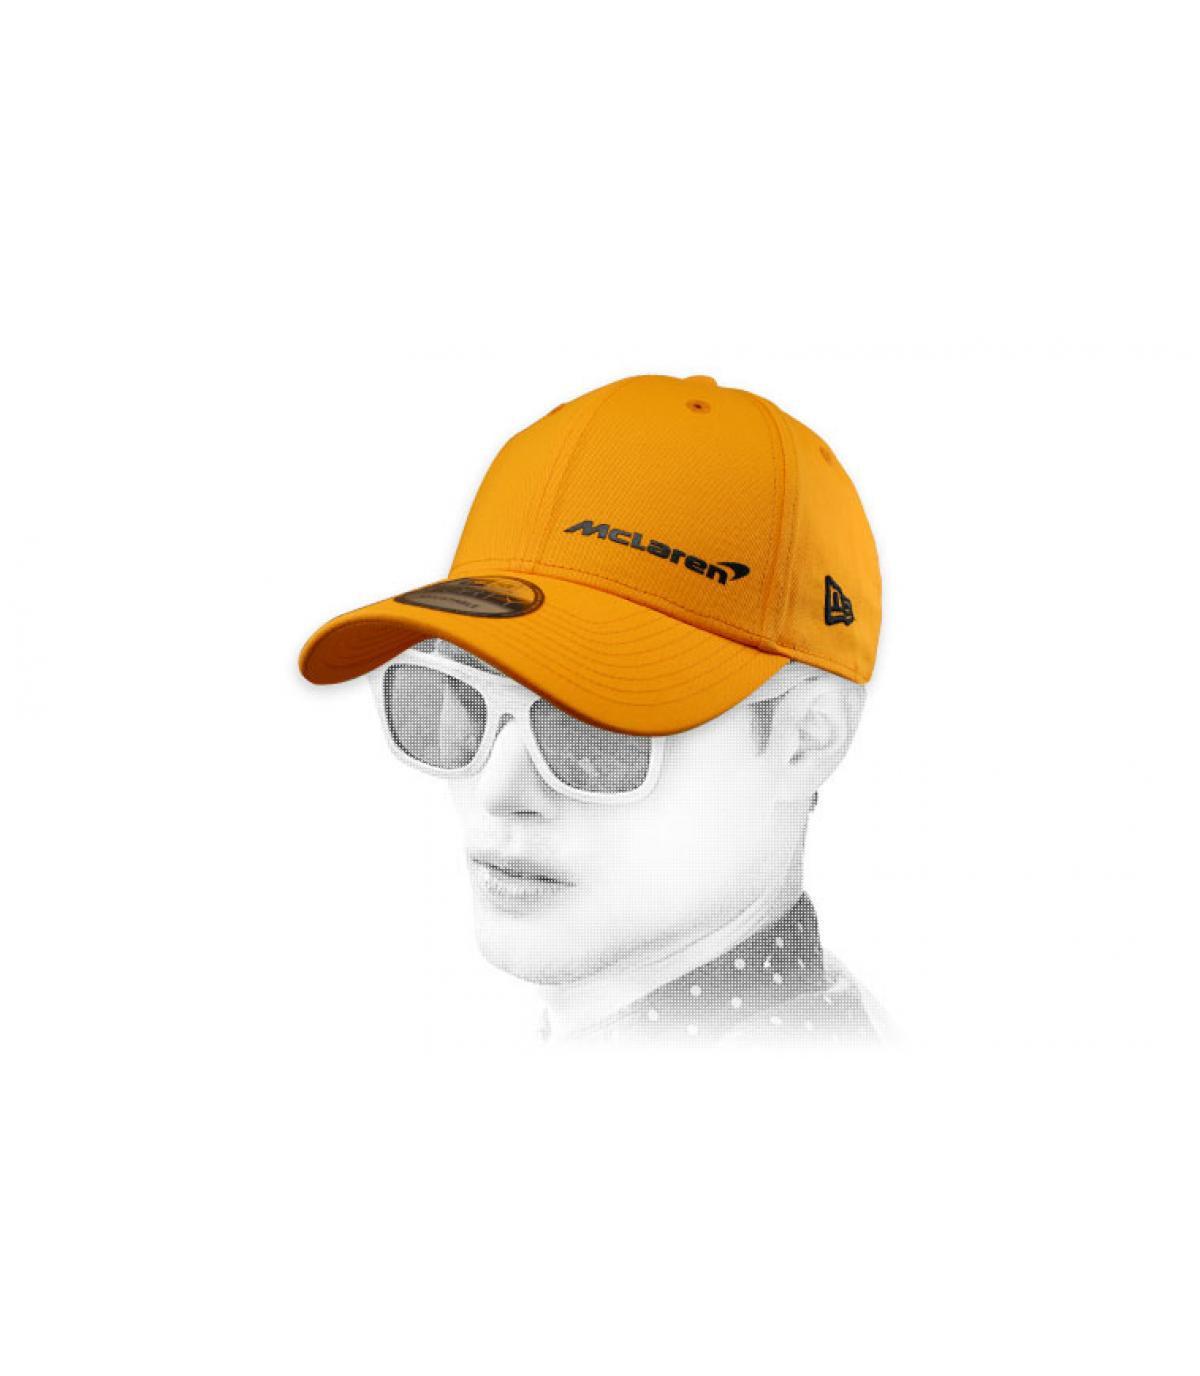 casquette McLaren jaune